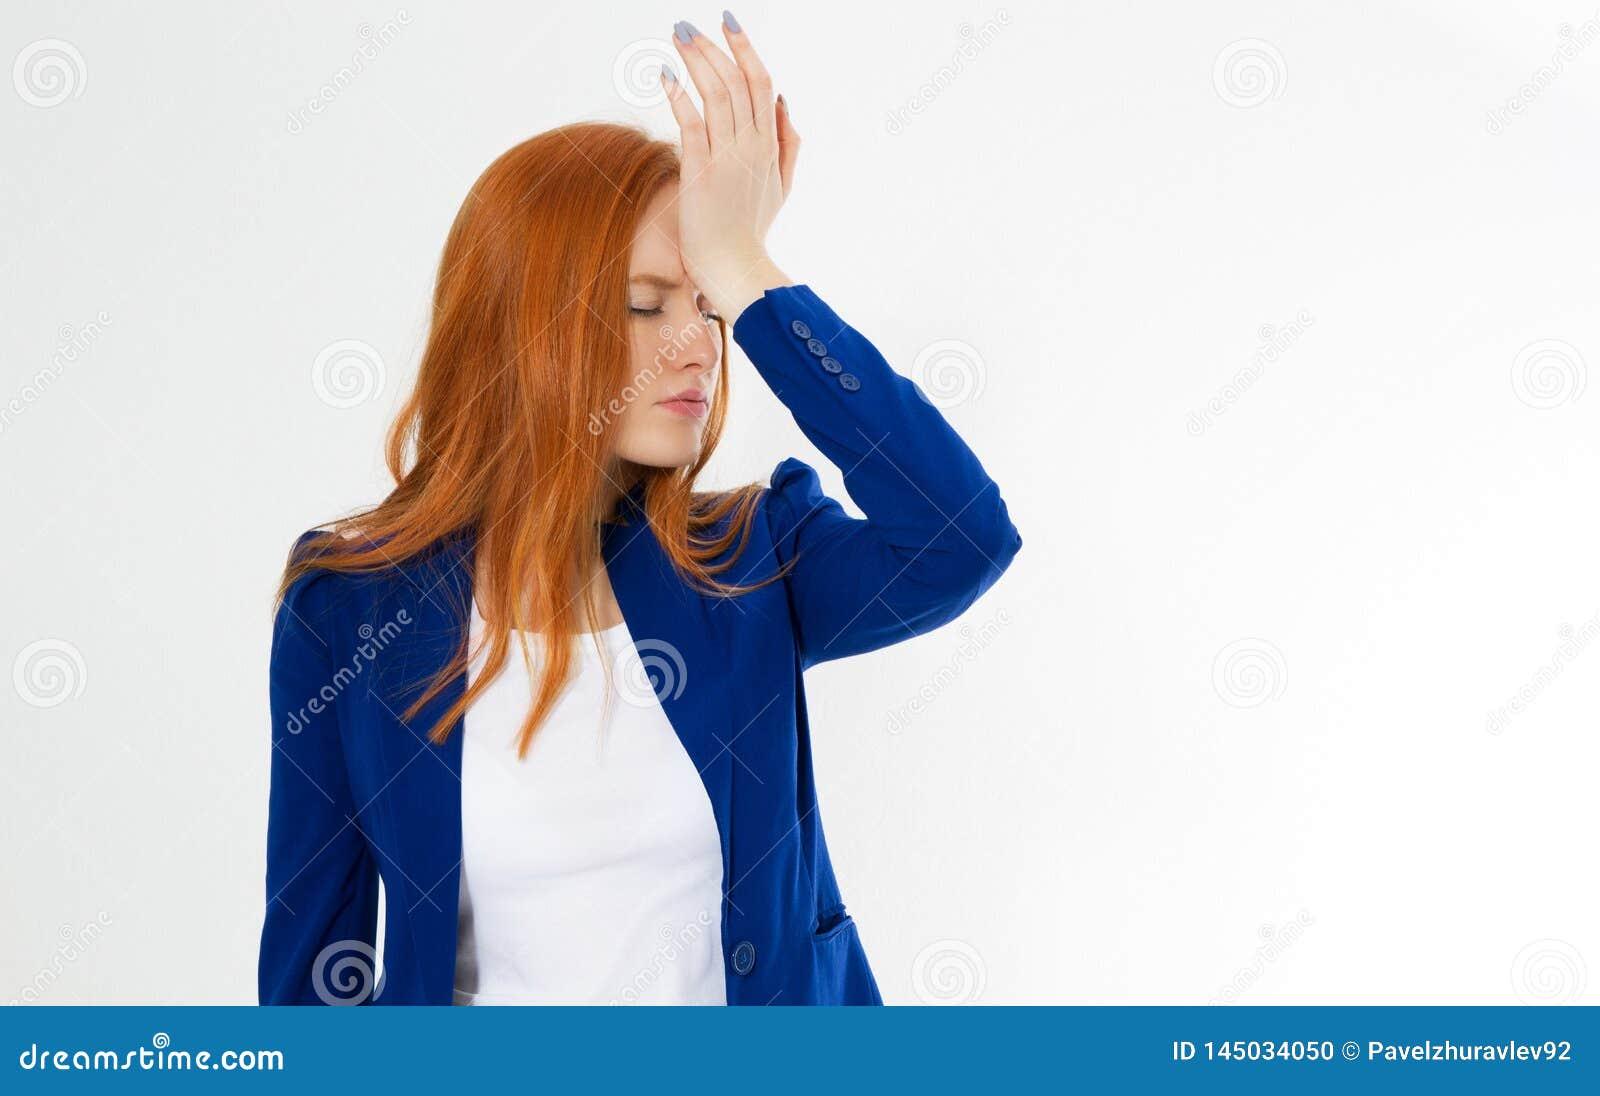 可爱,年轻漂亮的红发女人脸棕 红发女孩头痛未能惹怒企业 女性肖像